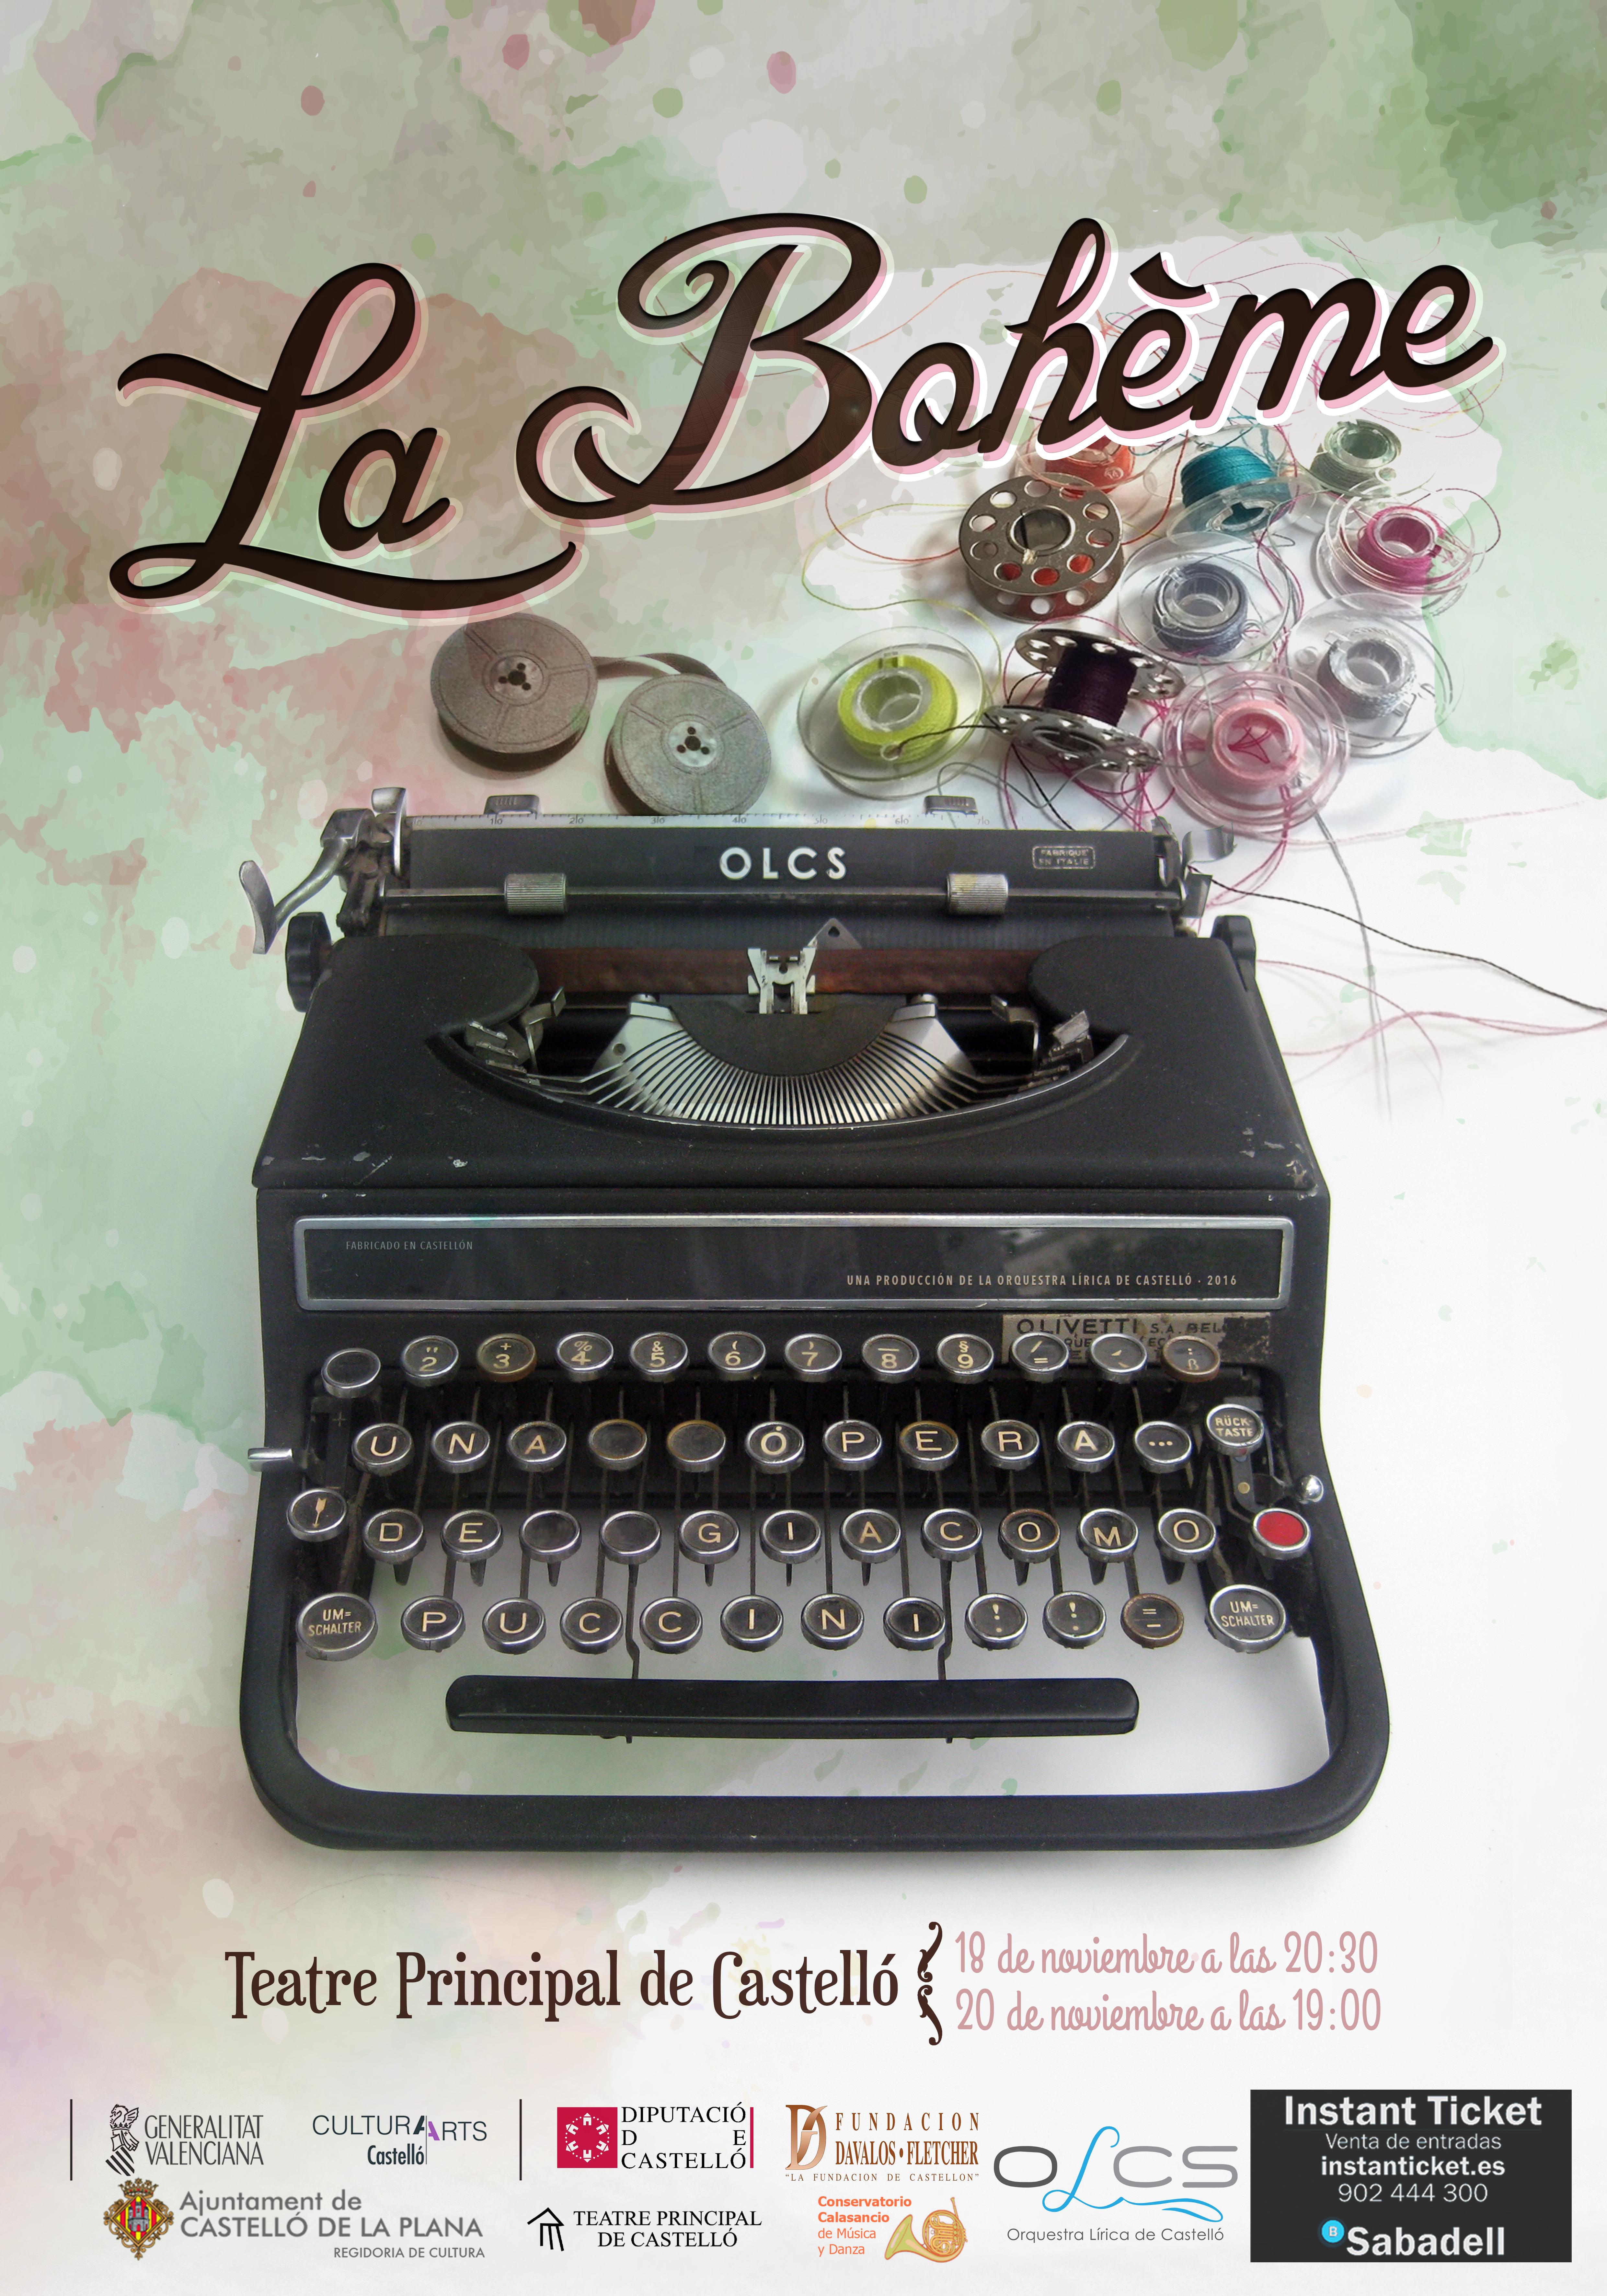 la-boheme_olcs_cartell